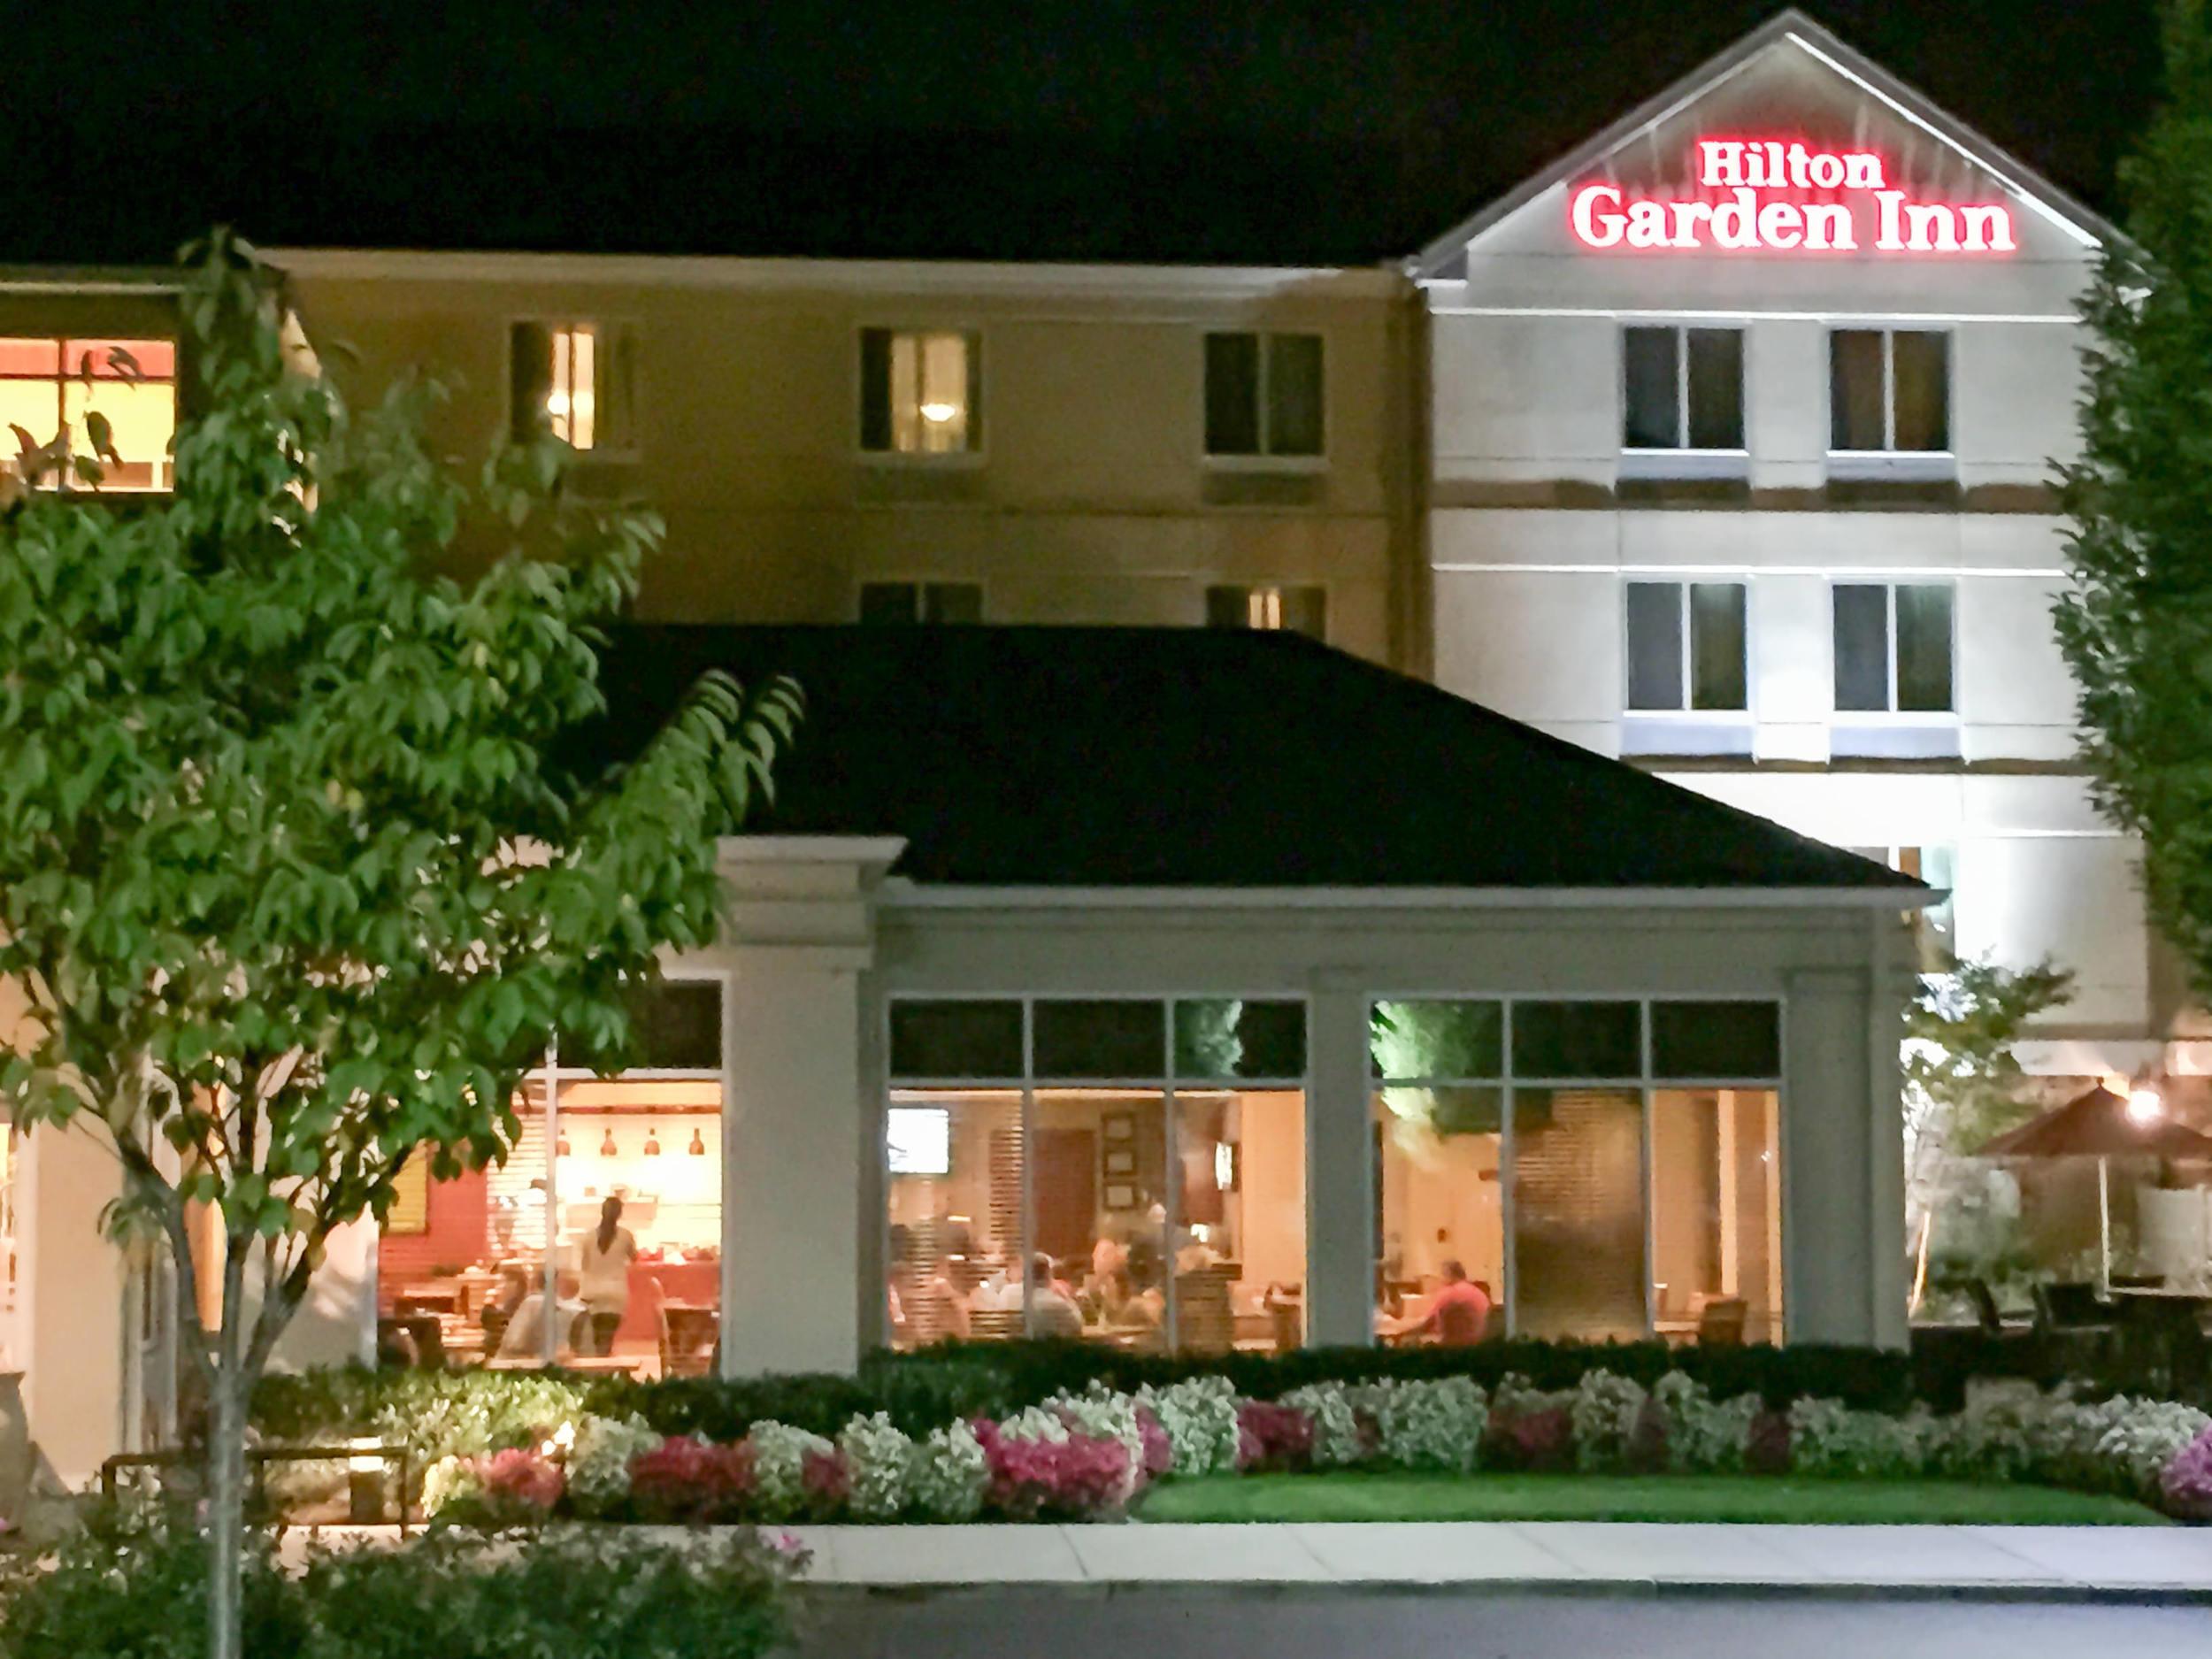 ComPower LED Retro fitting Hilton Garden Inn8.47.jpg